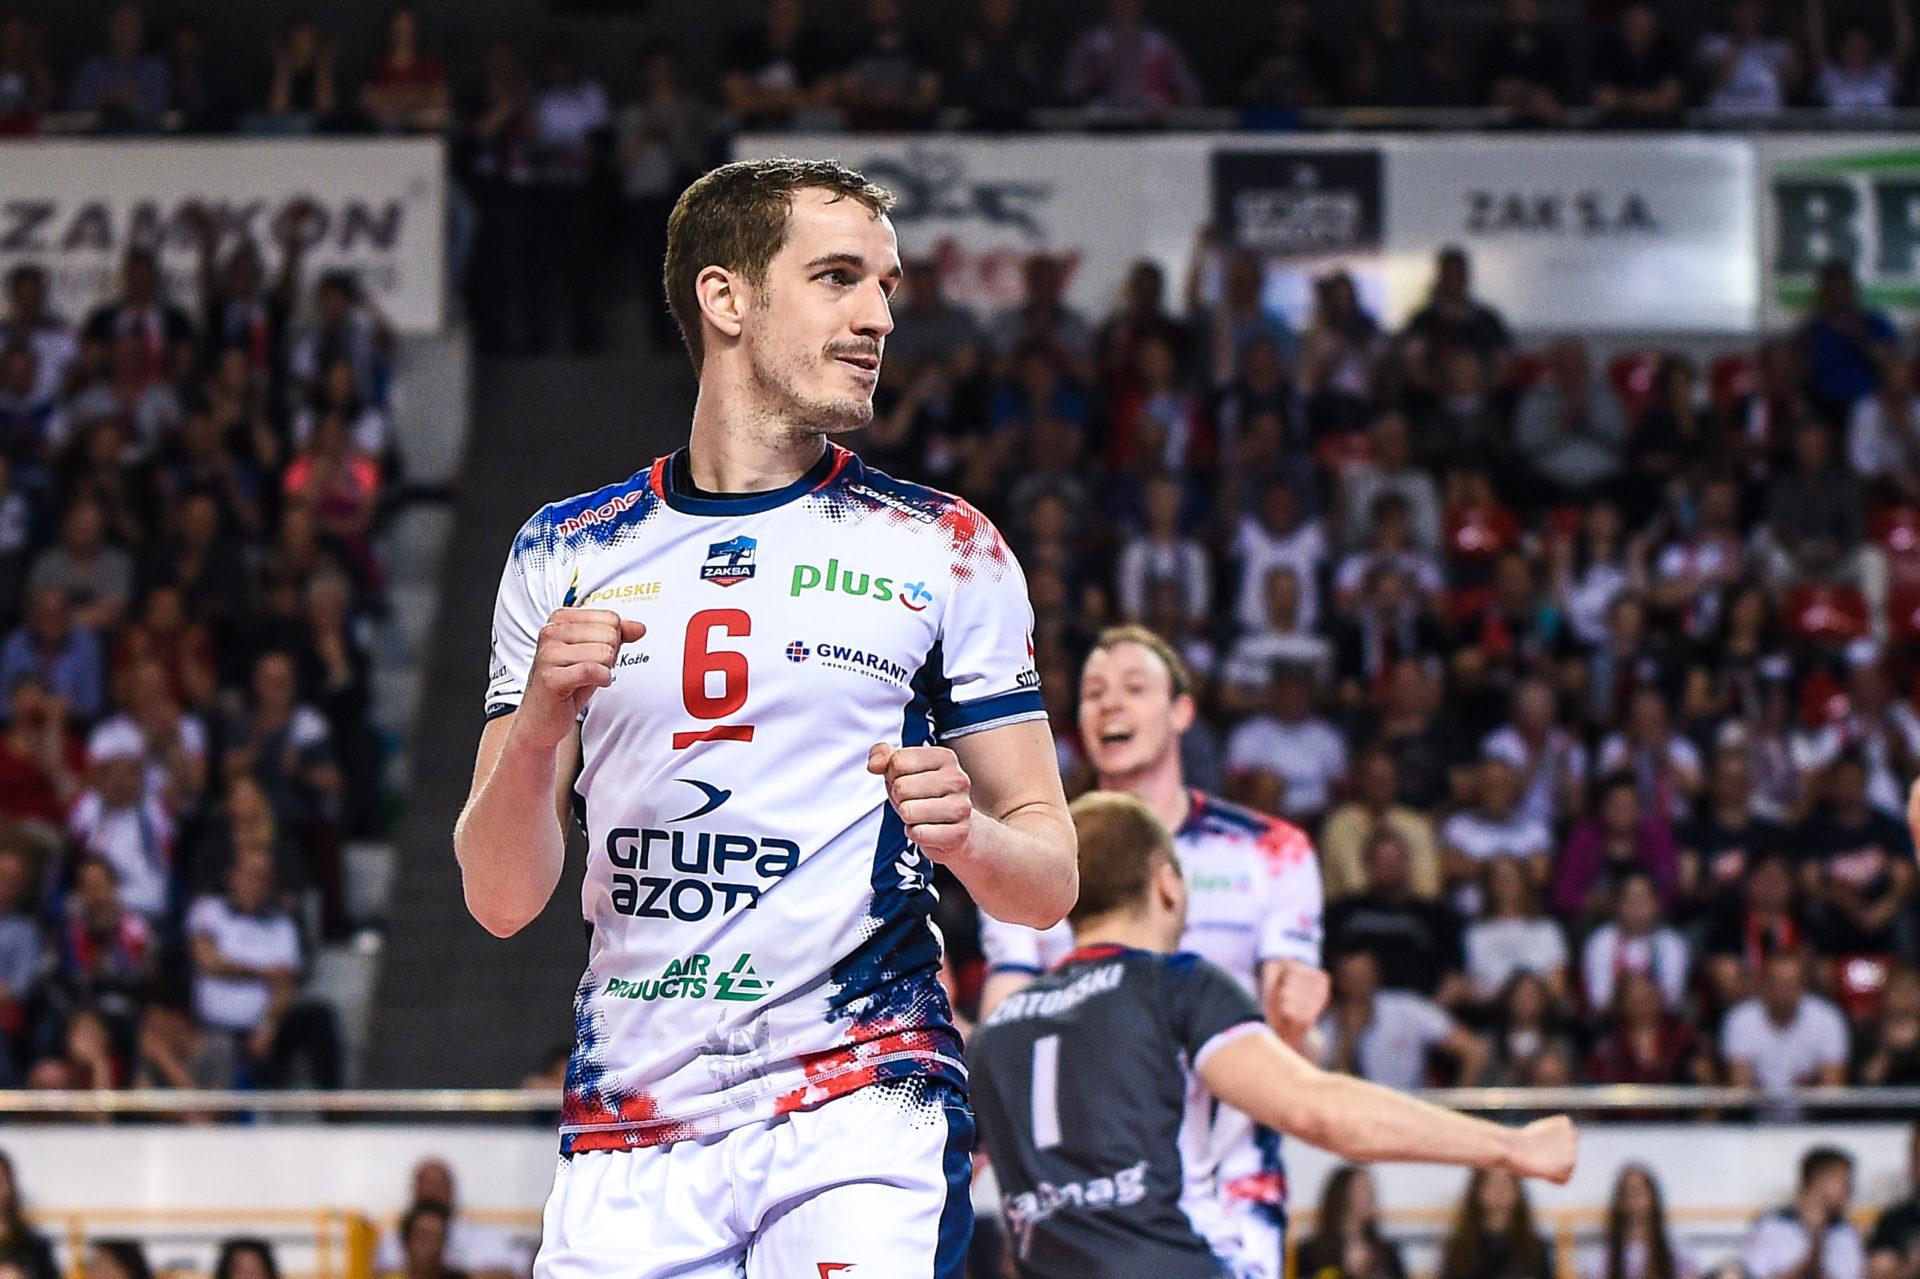 Benjamin Toniutti: Mam nadzieję, że tytuł wróci do Kędzierzyna